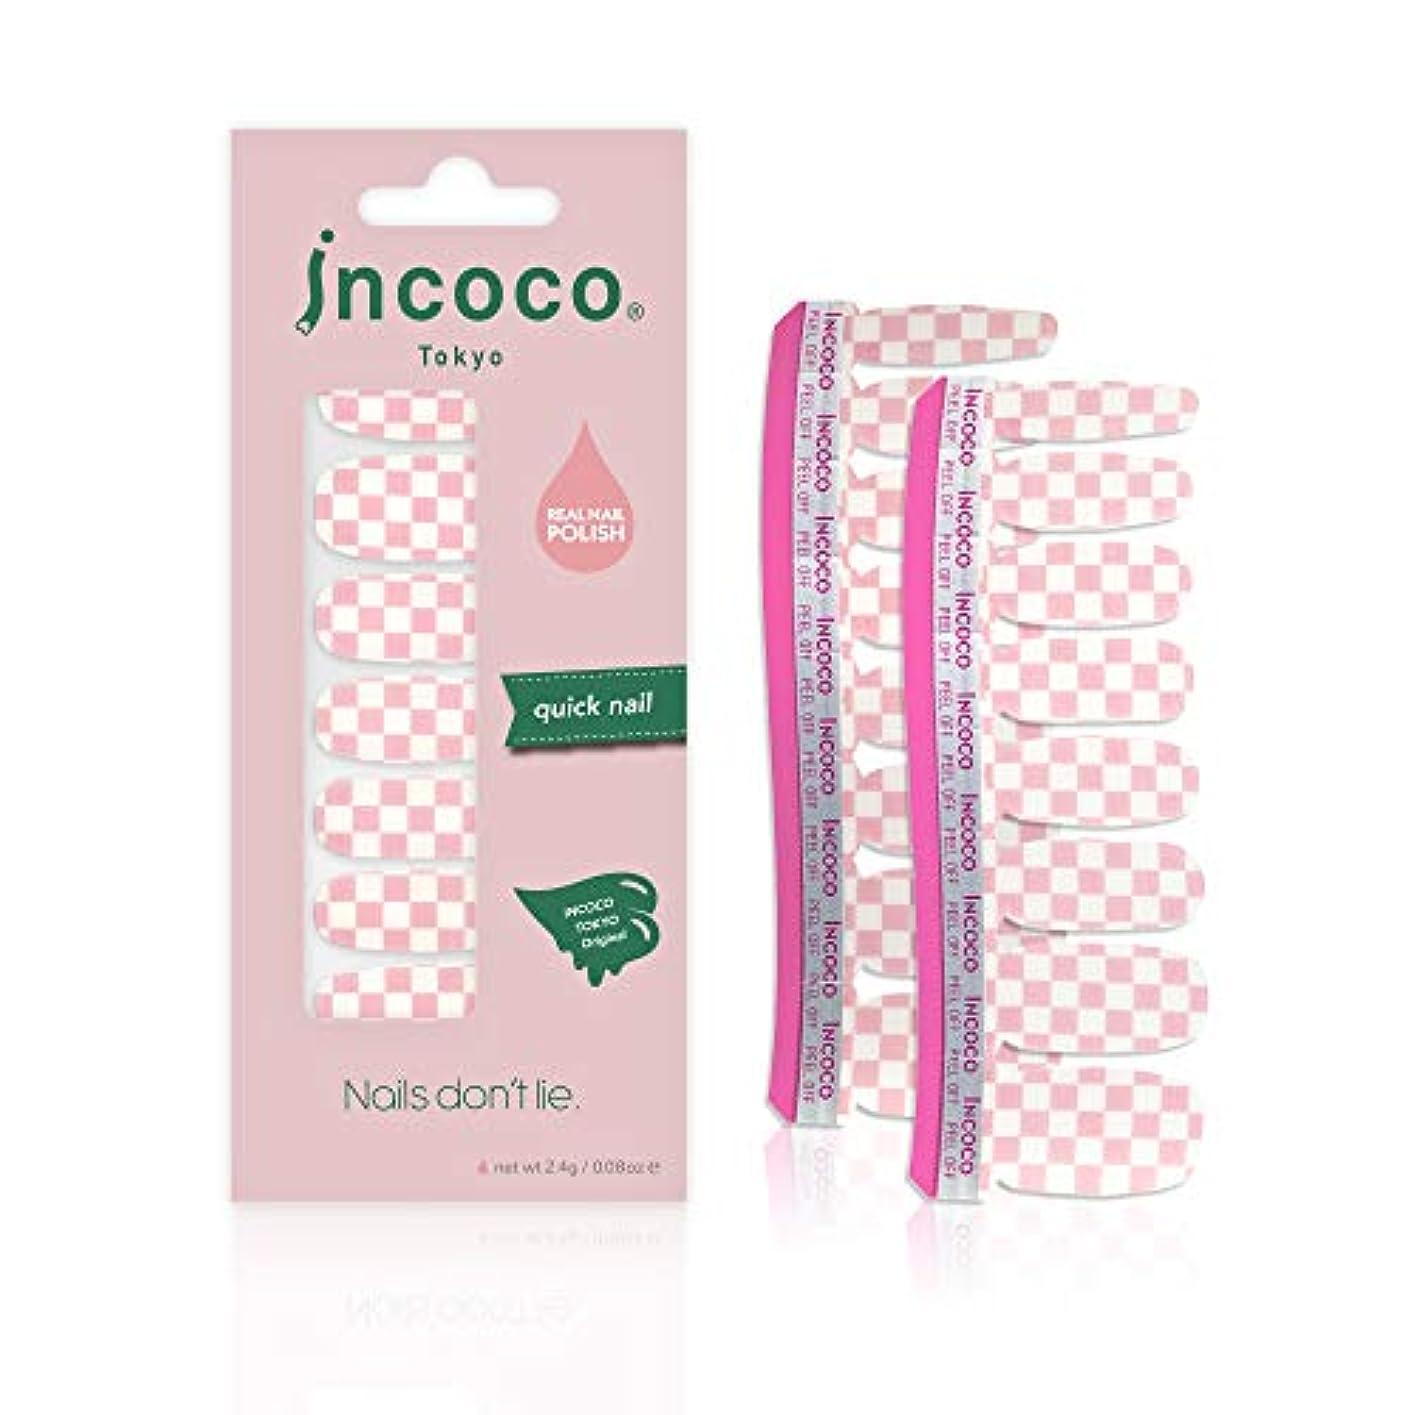 誠実さバックグラウンド食堂インココ トーキョー 「ピンク チェッカー」 (Pink Checker)